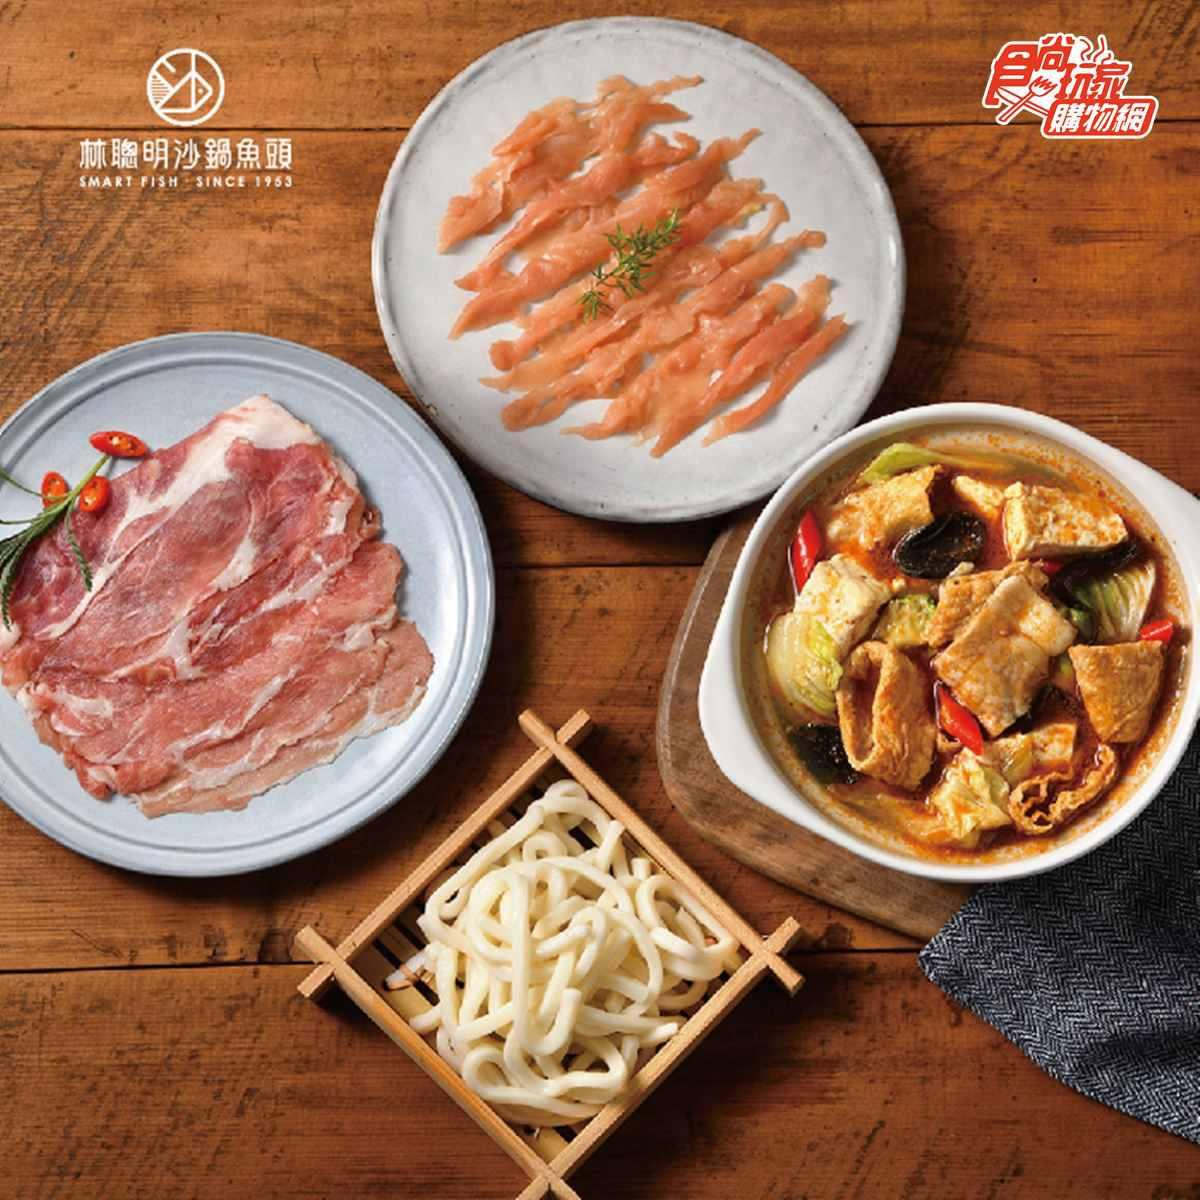 免排隊!宅配北中南5款人氣小吃:賣破百萬顆水果大福、Netflix專訪沙鍋菜